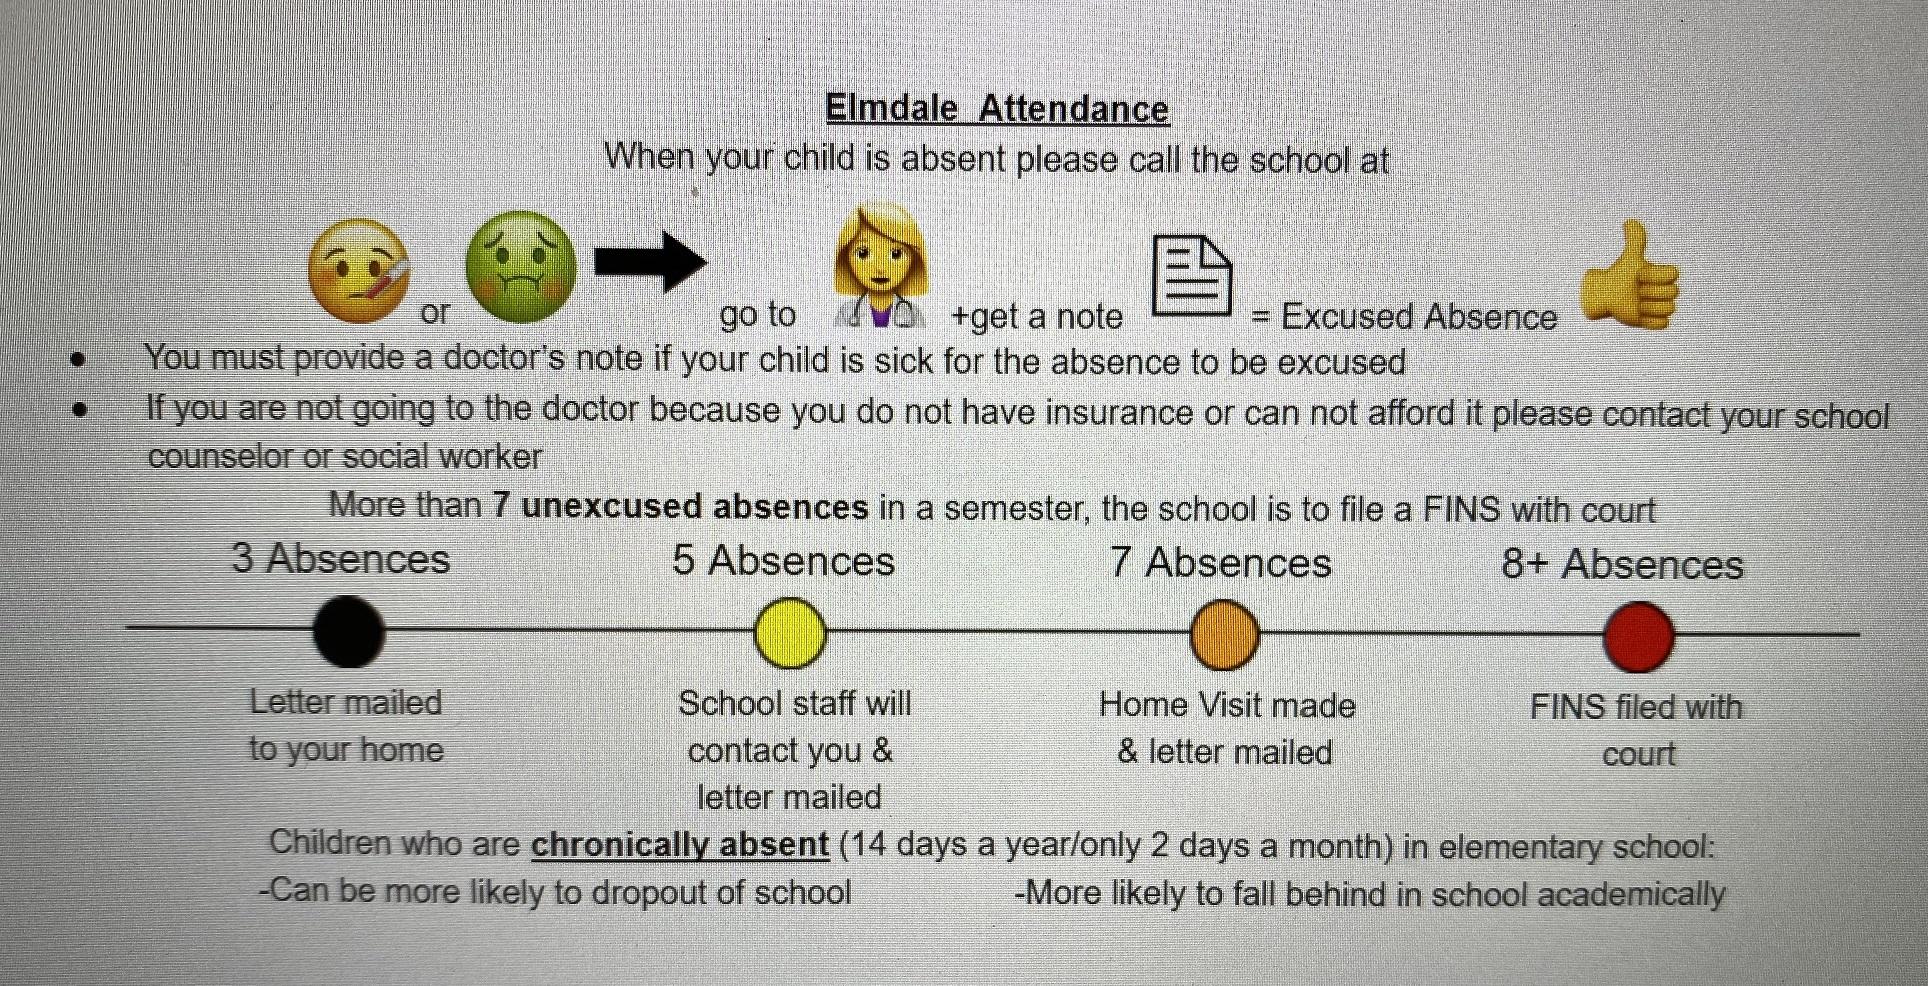 Elmdale Attendace info